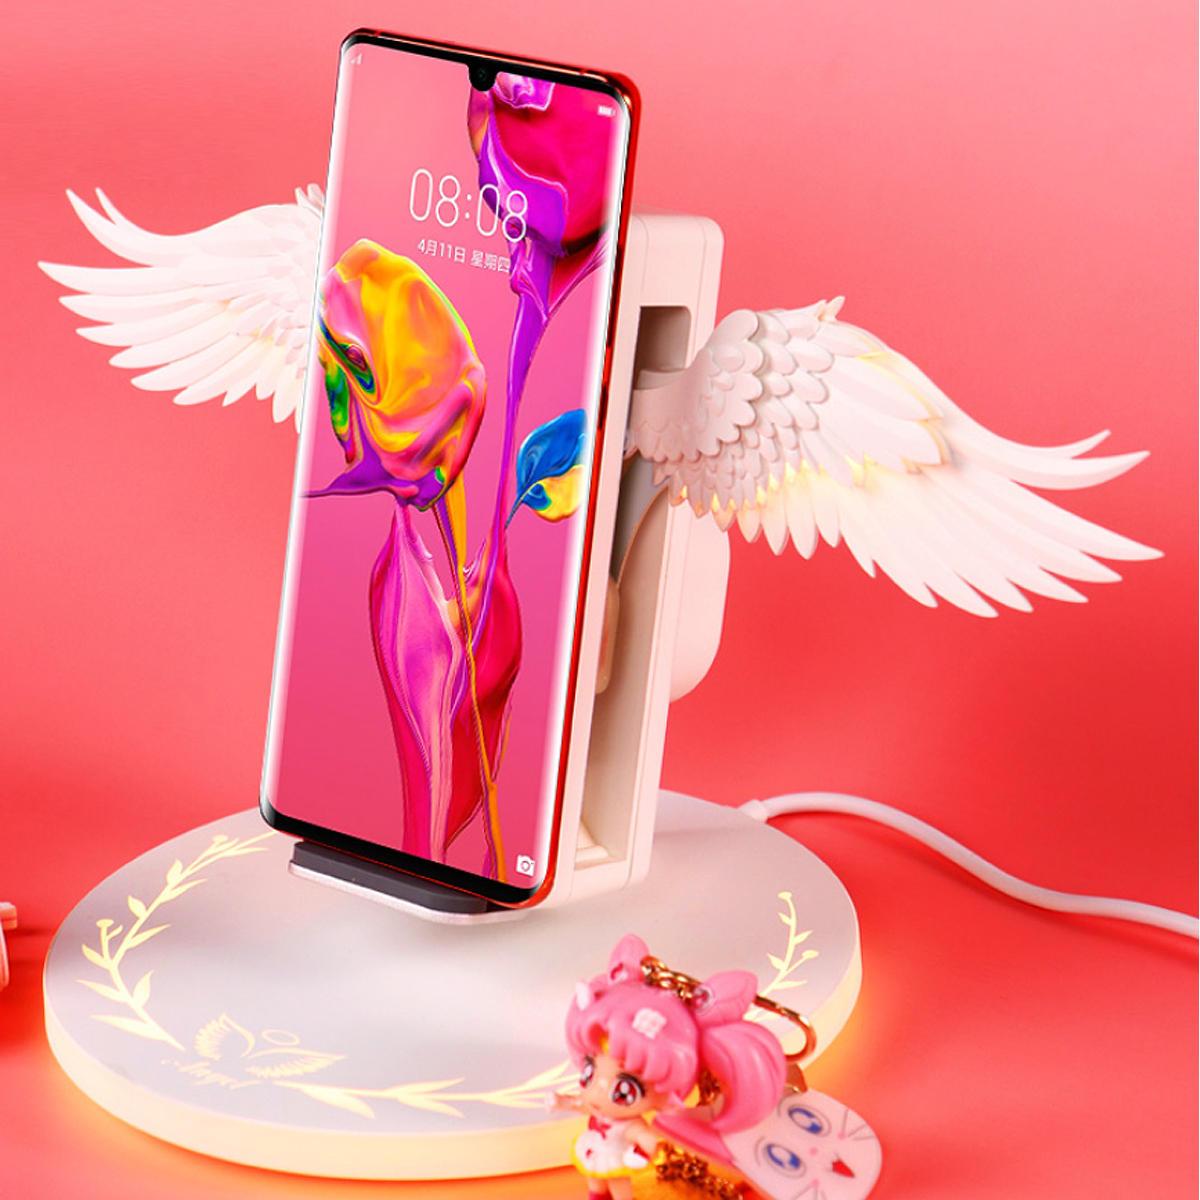 (Bảo hành 12 tháng)Sạc không dây hỗ trợ sạc nhanh 10W ANGEL- sạc thiên thần  hỗ trợ tất cả các sản phẩm có sạc không dây sạc không dây iphone  sạc không dây samsung  sạc không dây xiaomi  sạc không dây oppo